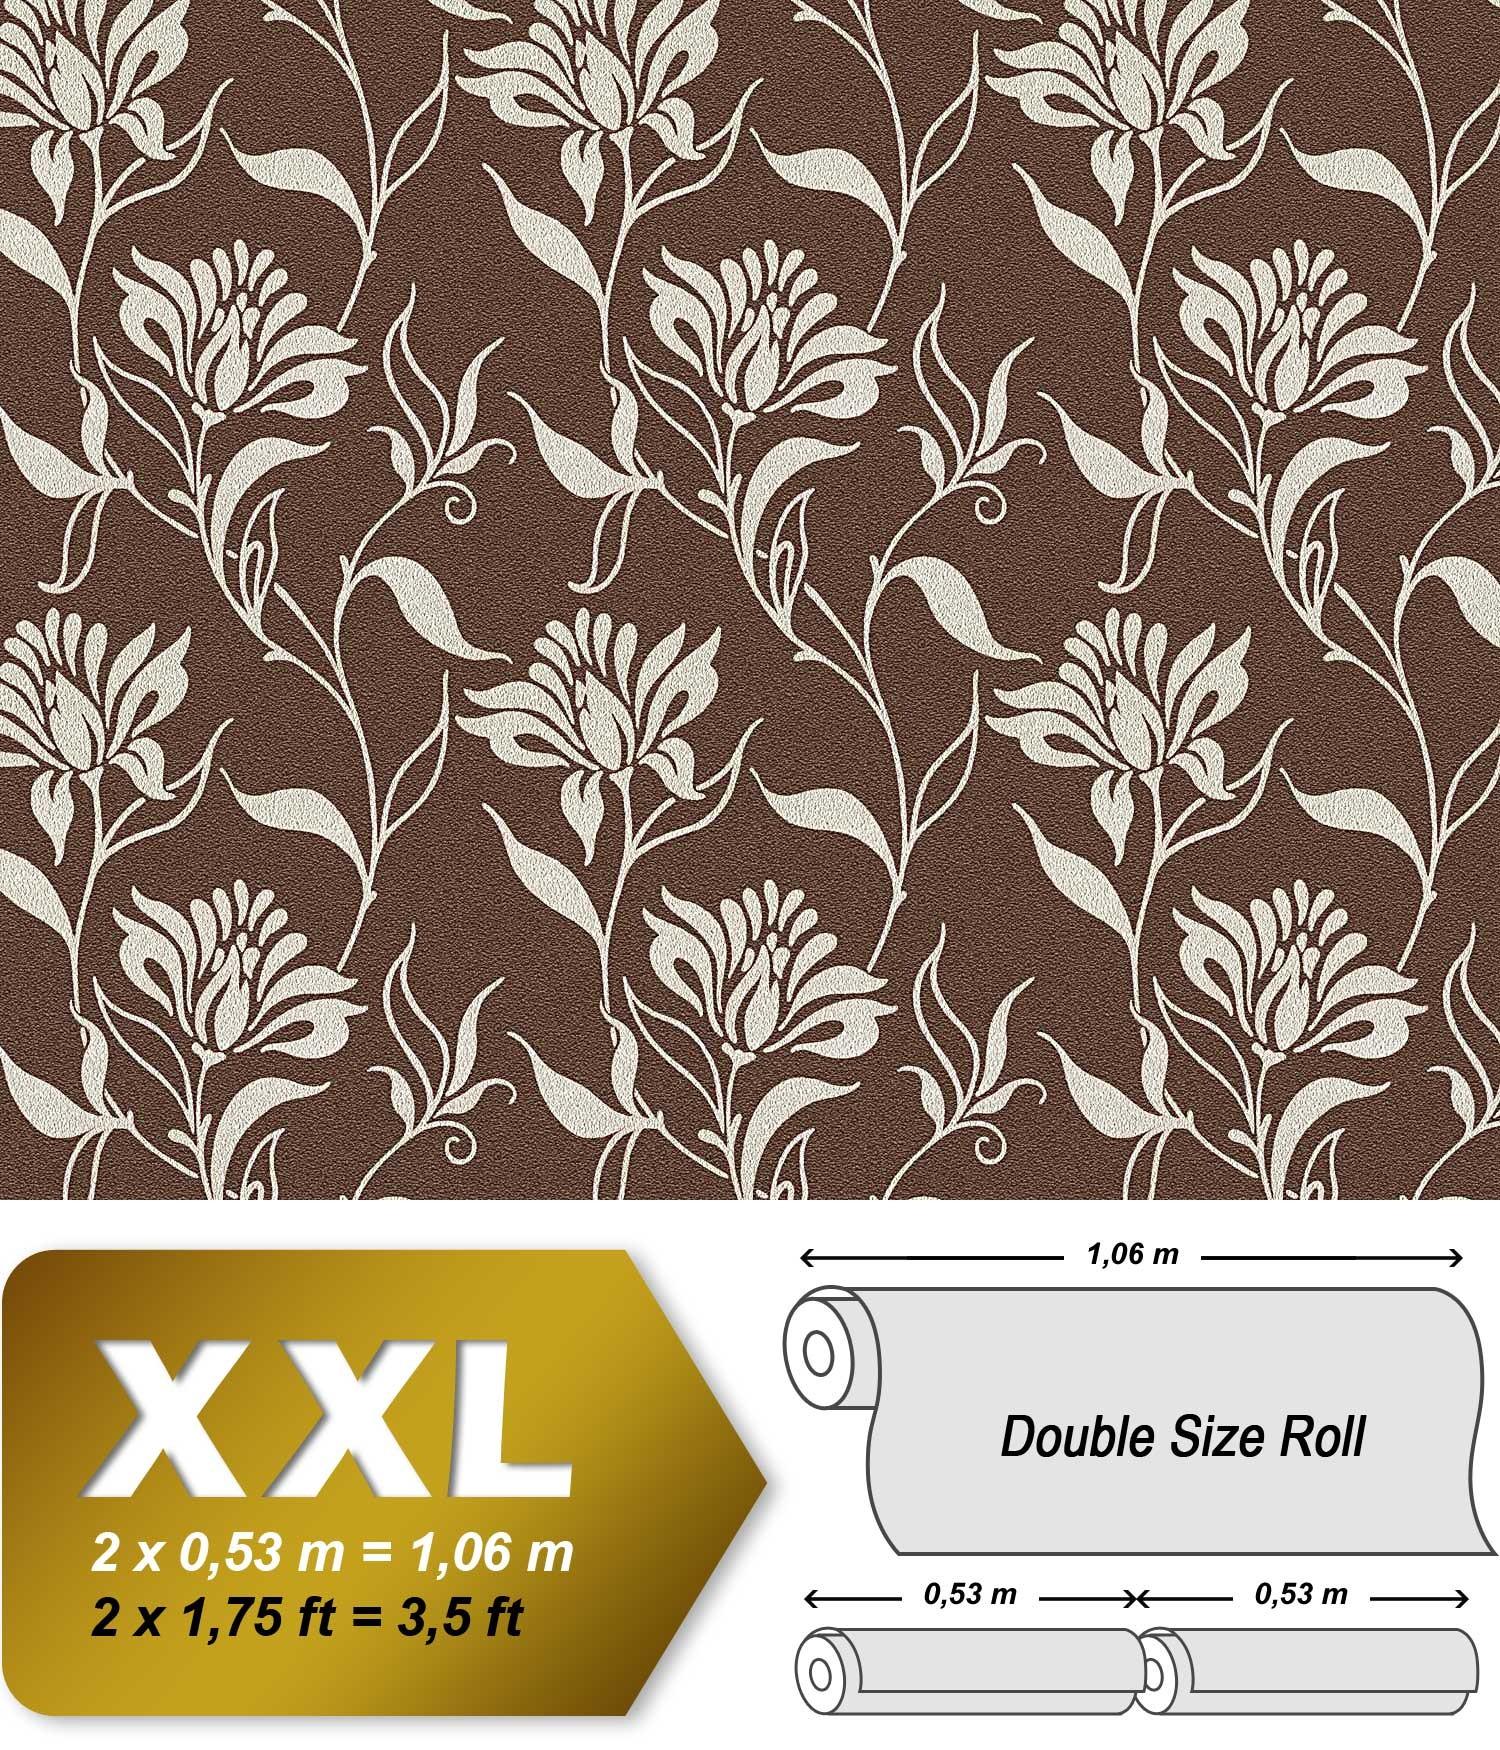 Asiatische Blumen Tapete : Tapete florales Blumen Muster schoko-braun silber-grau 10,65 qm